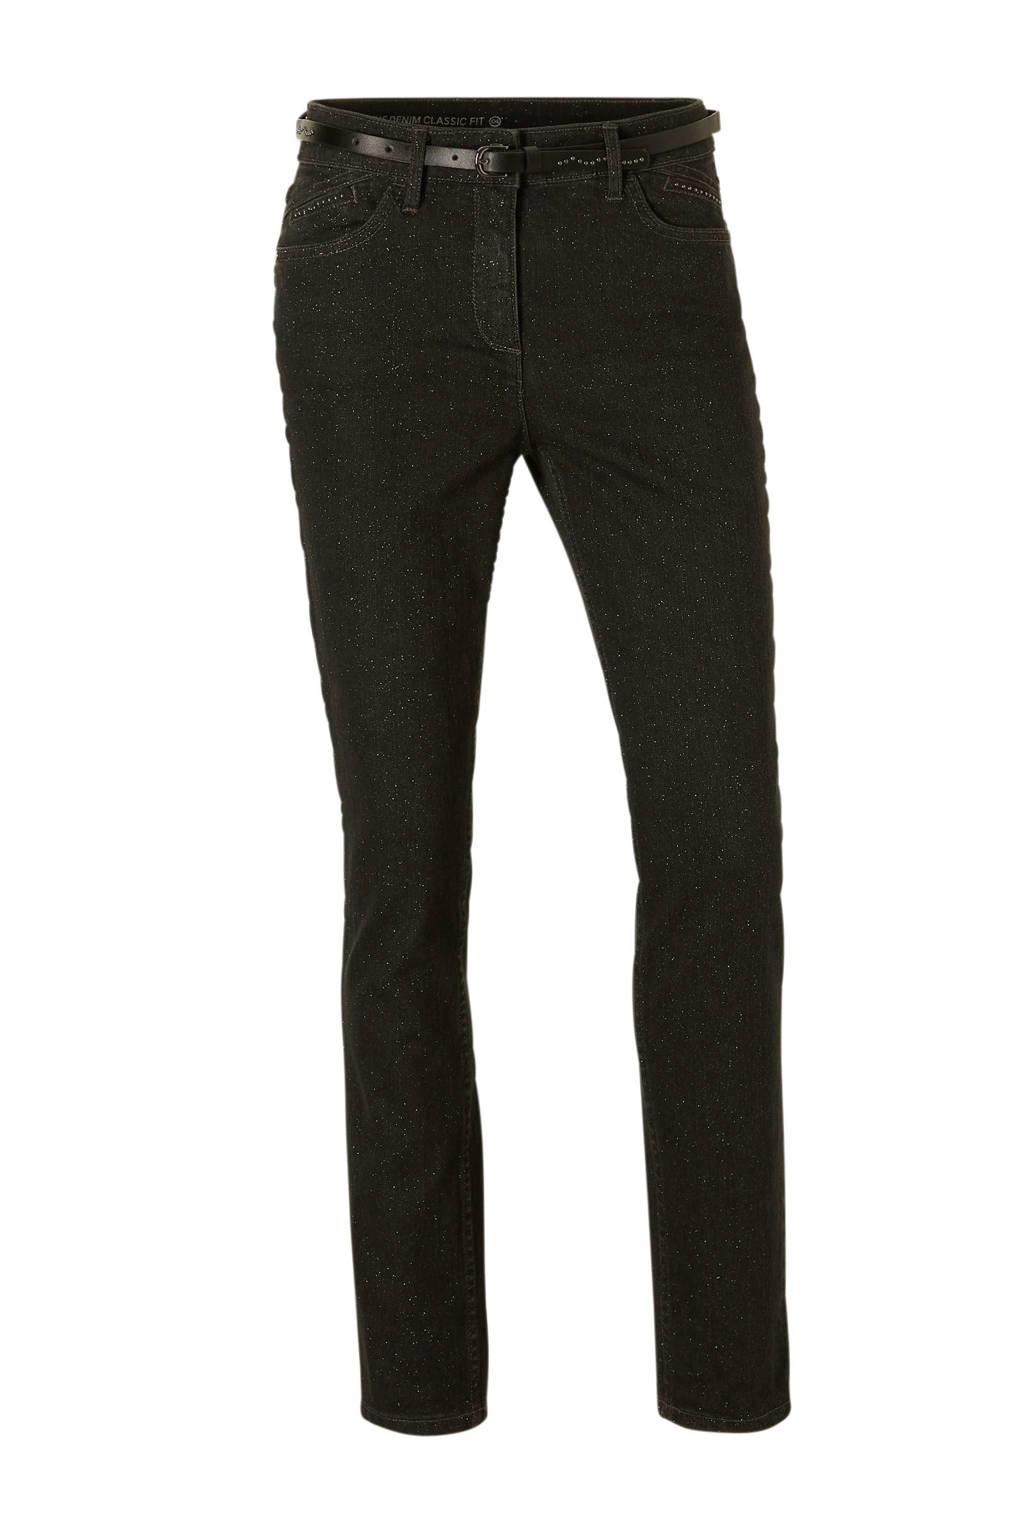 C&A The Denim jeans met all over glitter zwart, Zwart